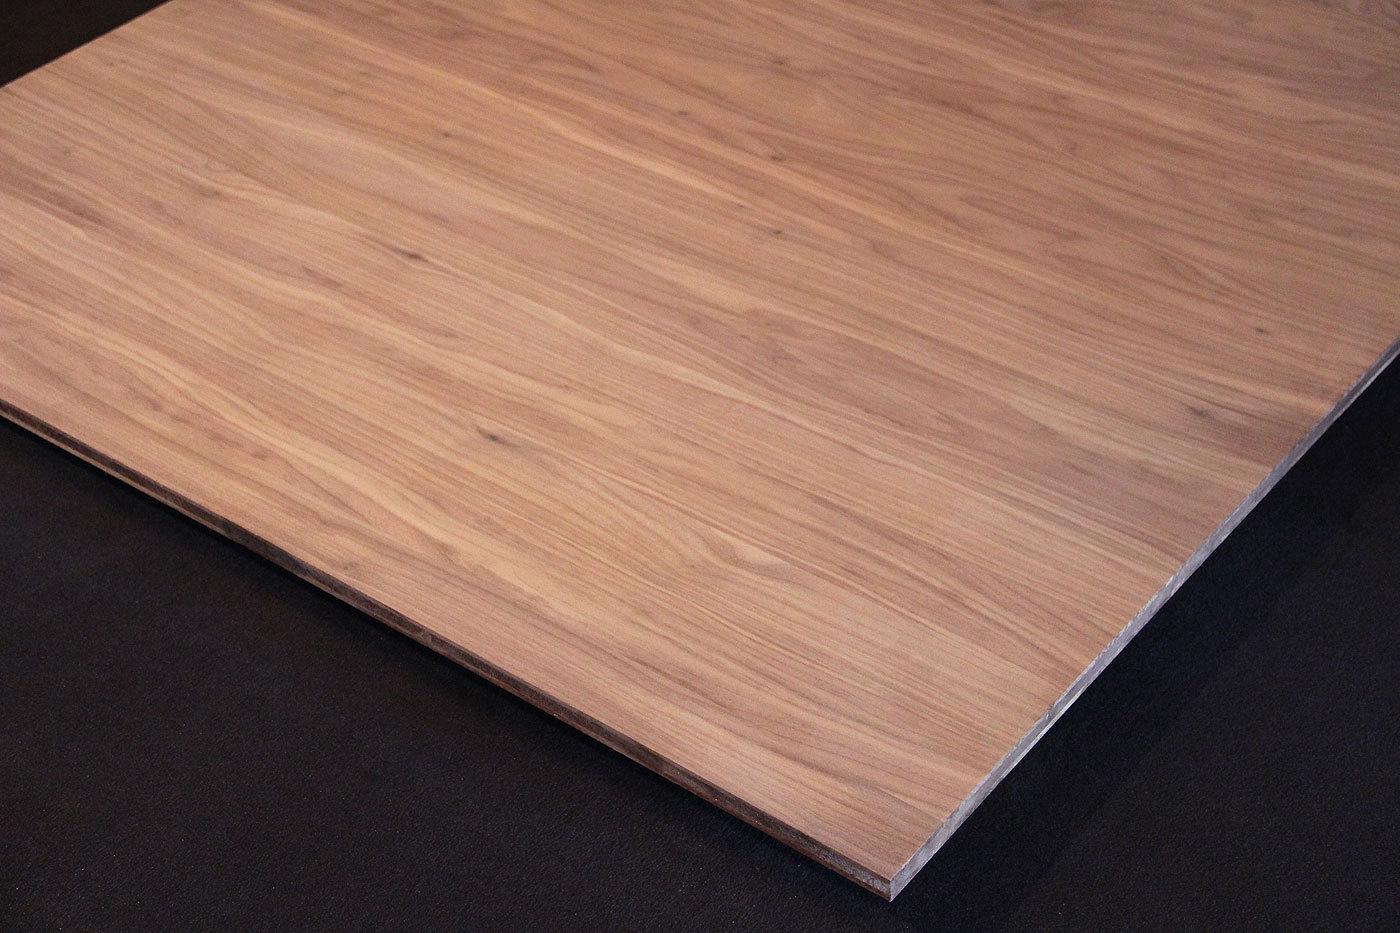 3 schicht platte drei schicht platte amerik nussbaum fsc 20 x diverse l ngen x 1250 mm. Black Bedroom Furniture Sets. Home Design Ideas